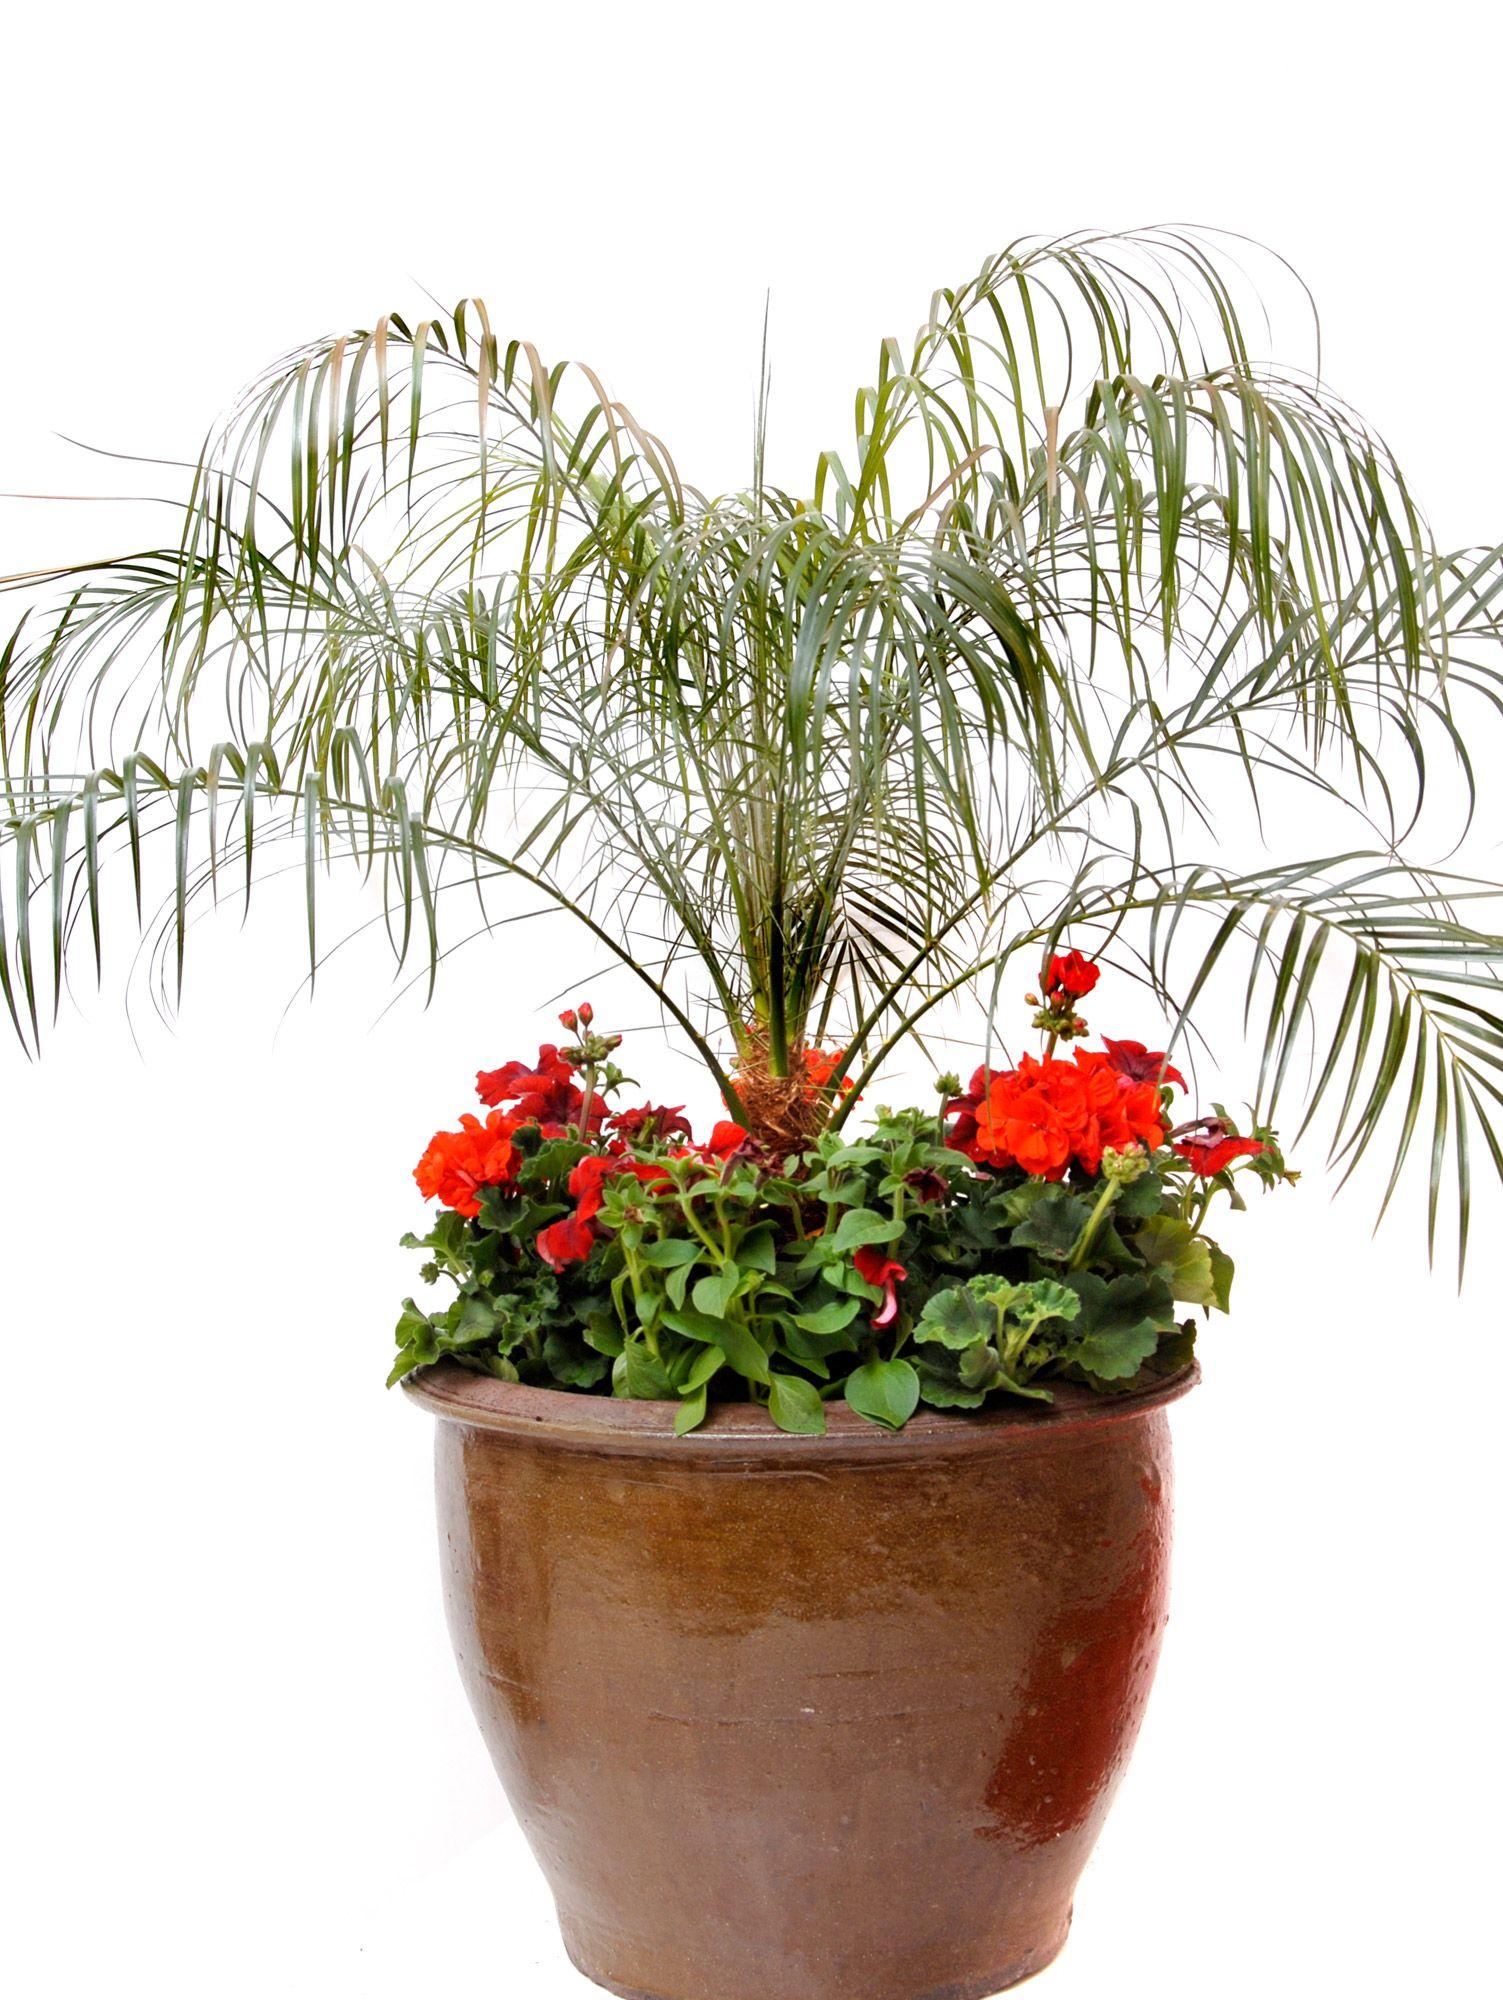 Detalle Composición con palmera de roebelen, geranios y petunias